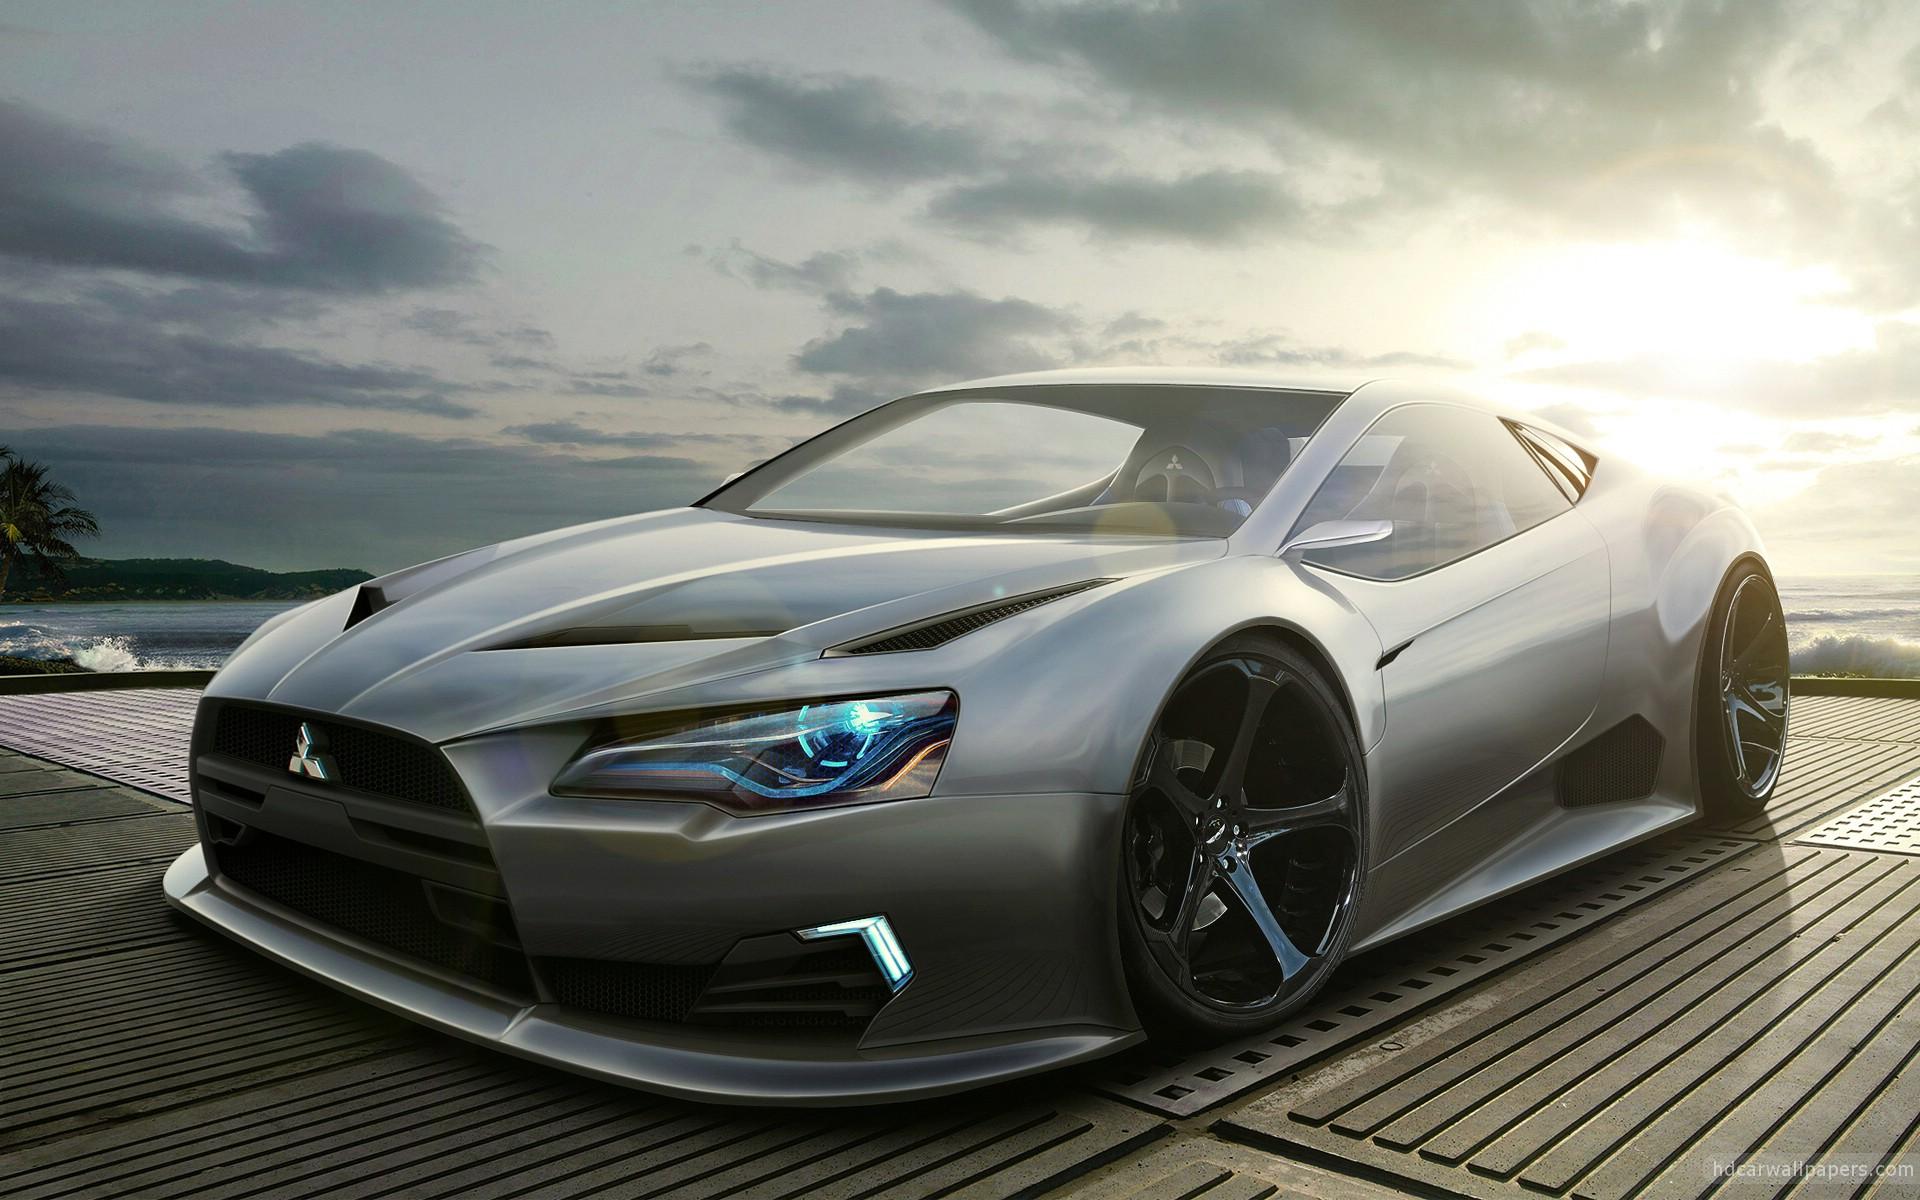 Full hd car wallpapers 1080p wallpapersafari - Cars hd wallpapers for laptop ...